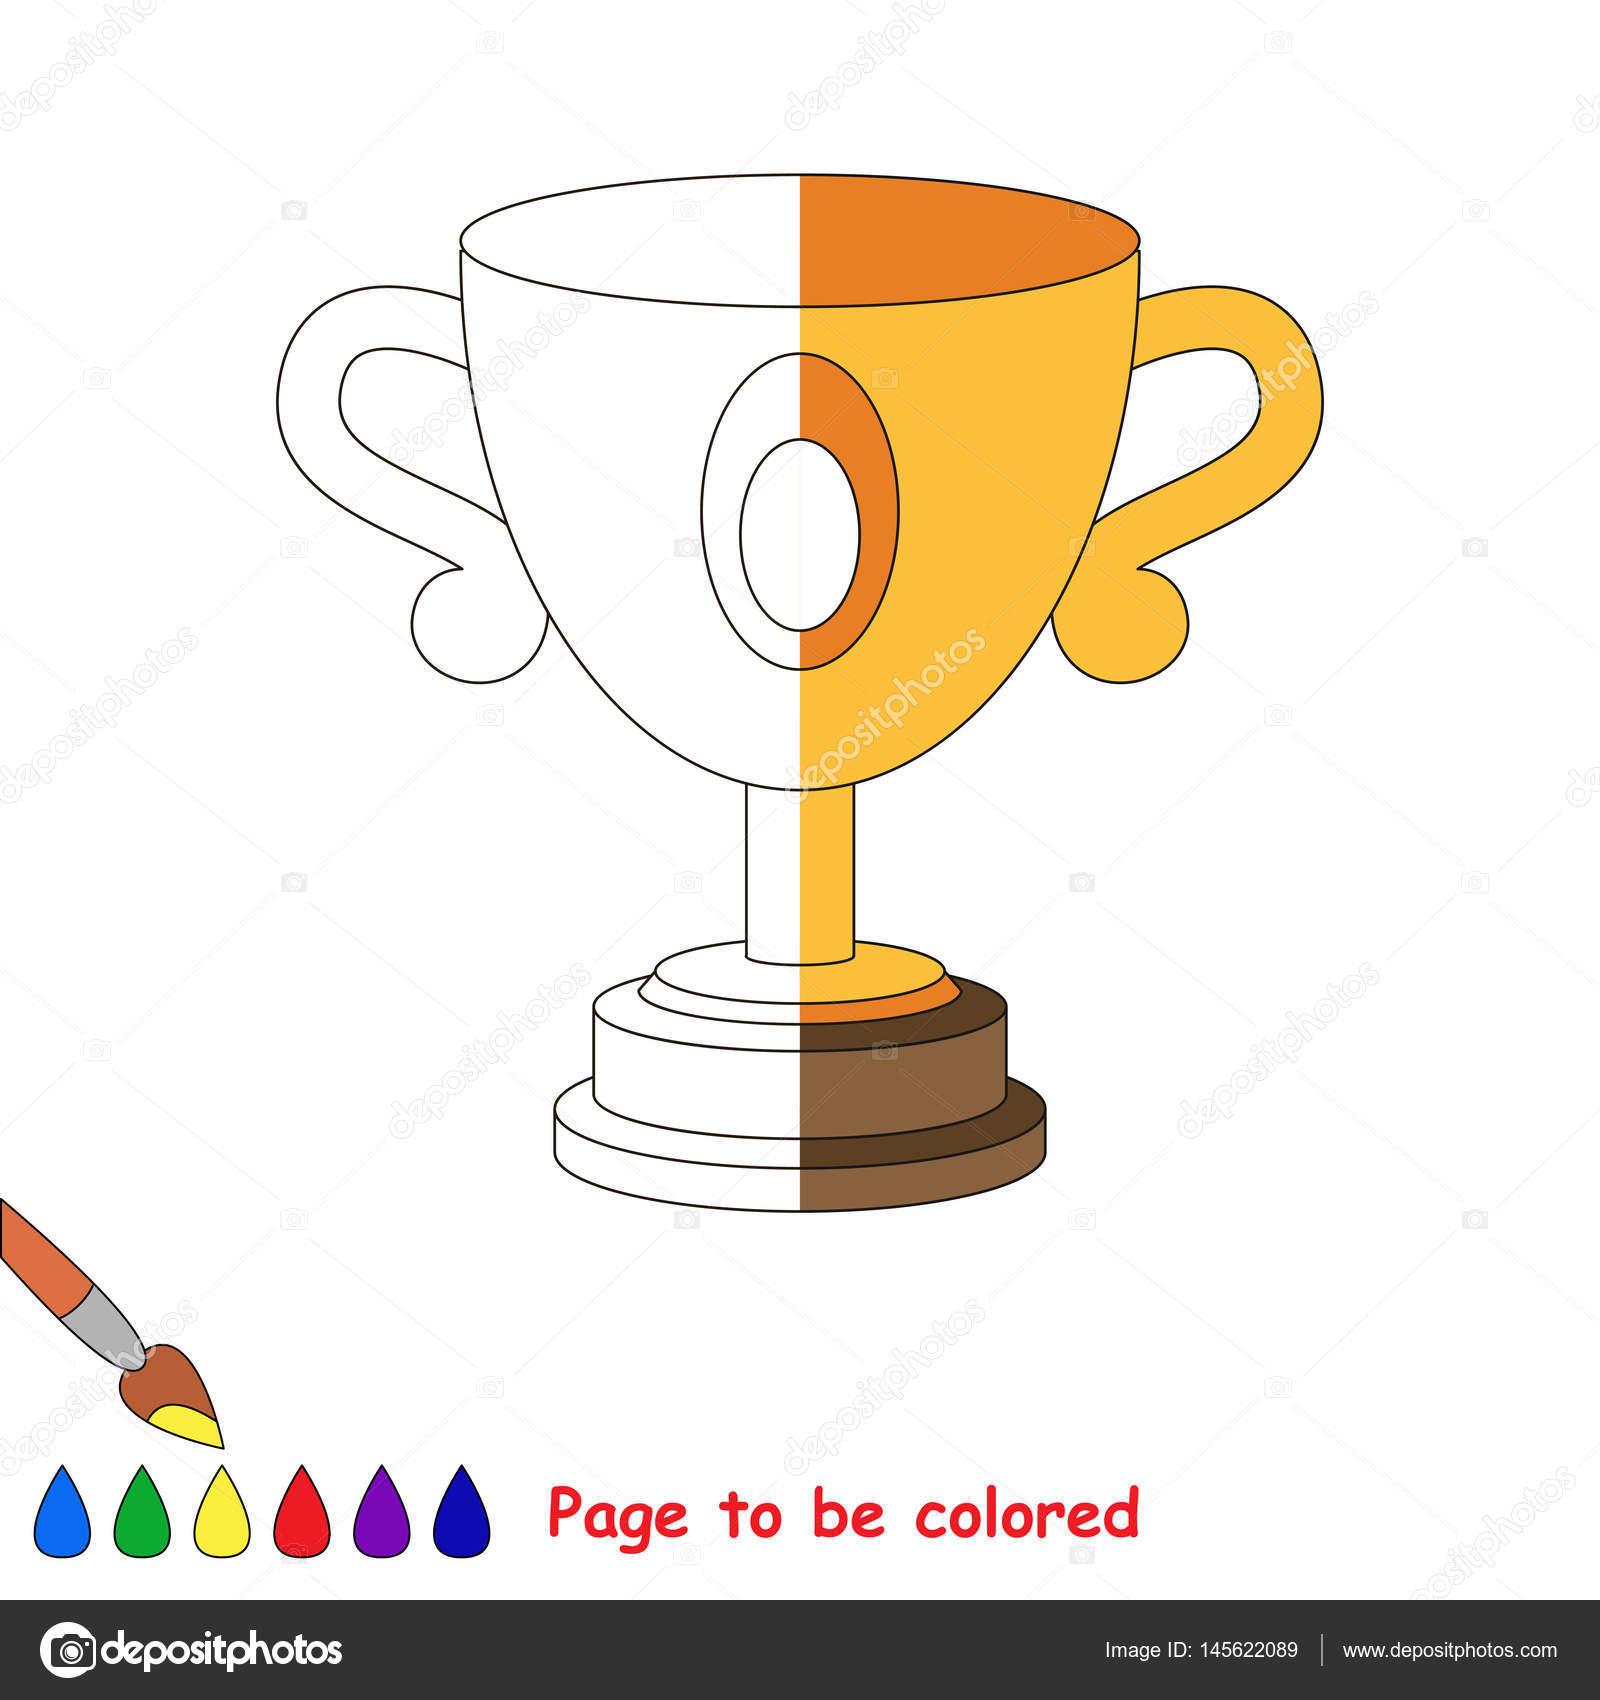 Yarısını Renkli Görüntü Stok Vektör Annamikhailova 145622089